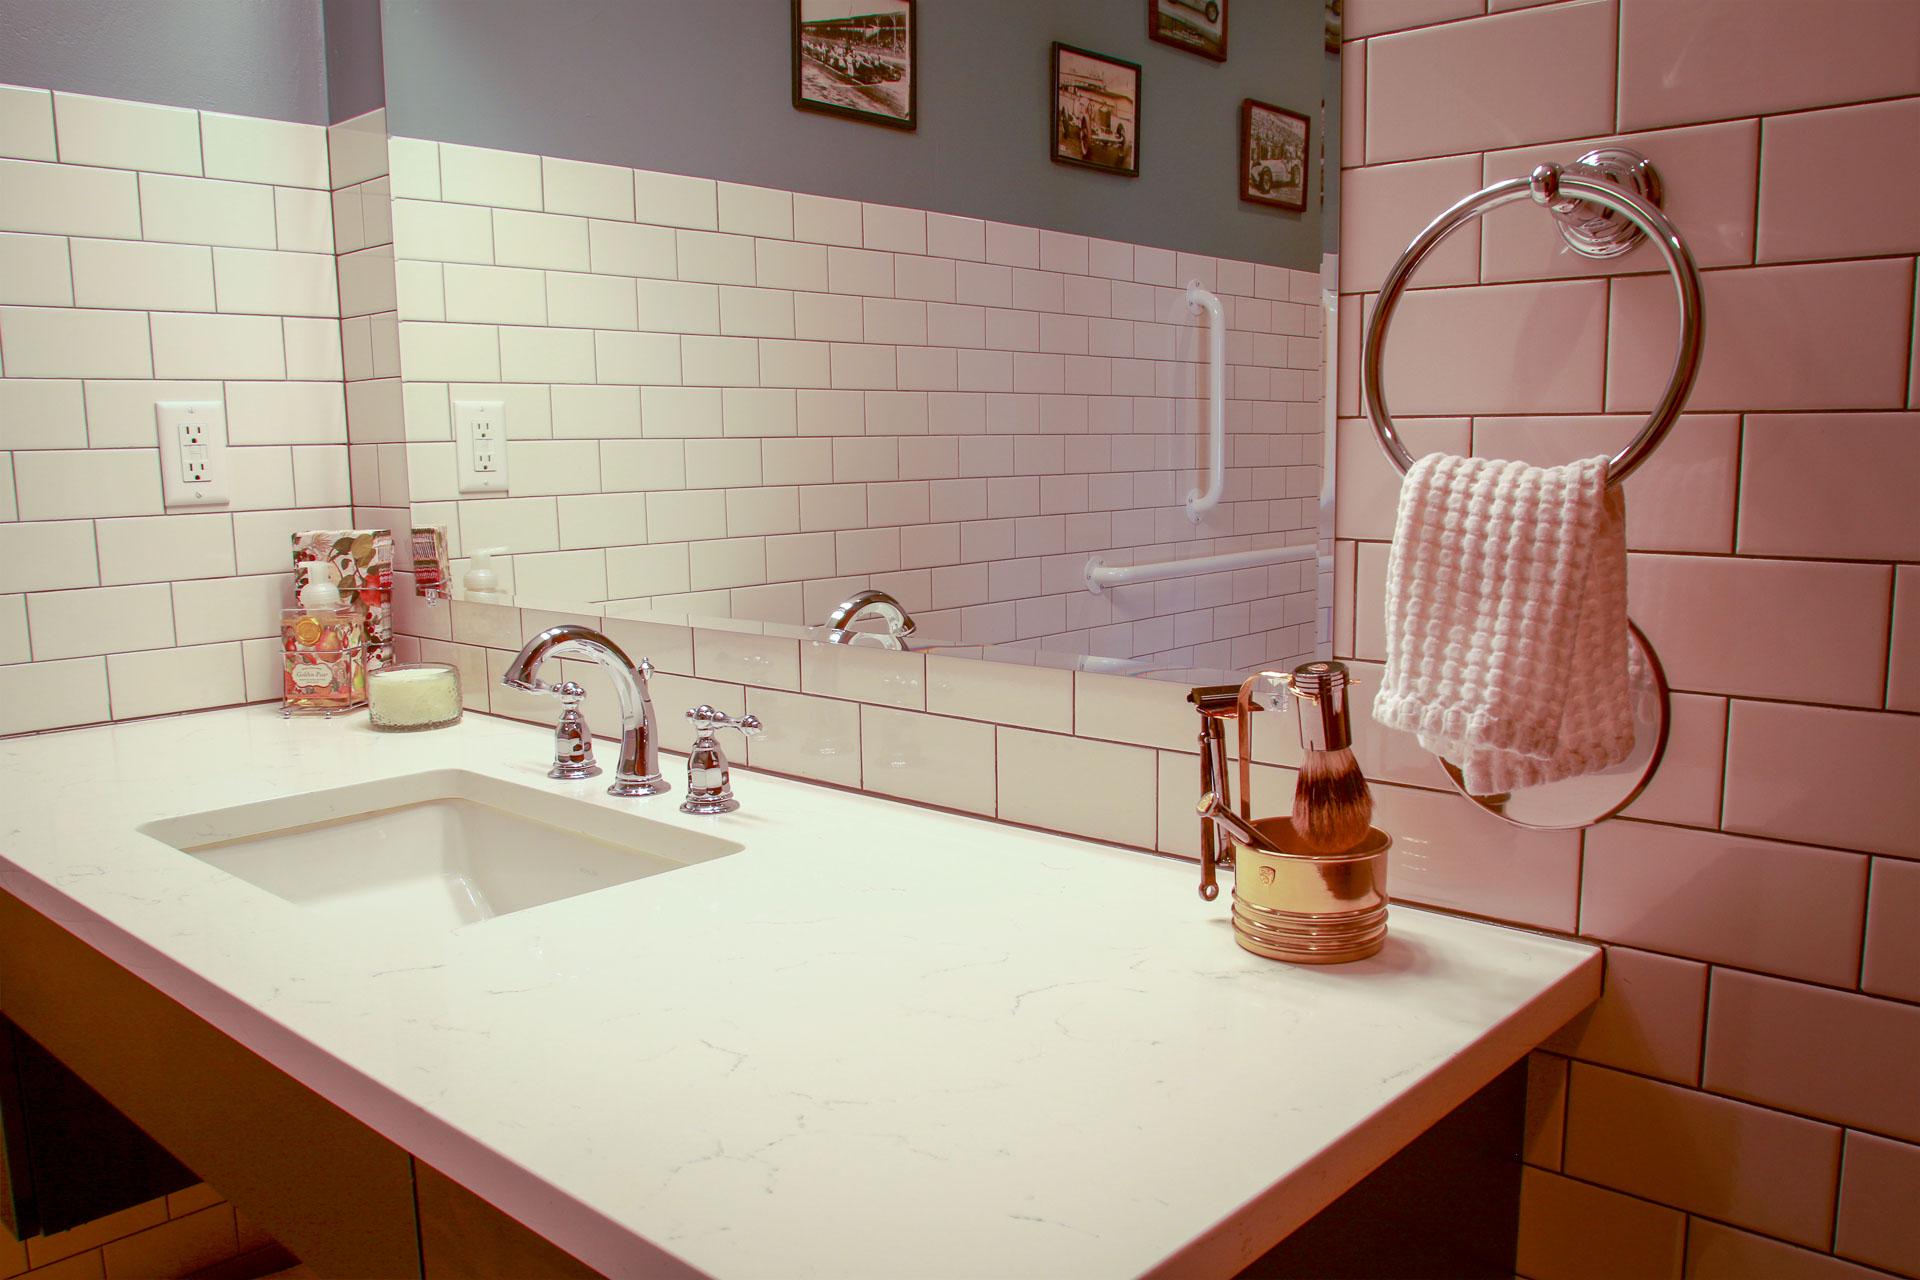 Modena   A Washroom's Simplistic Elegance